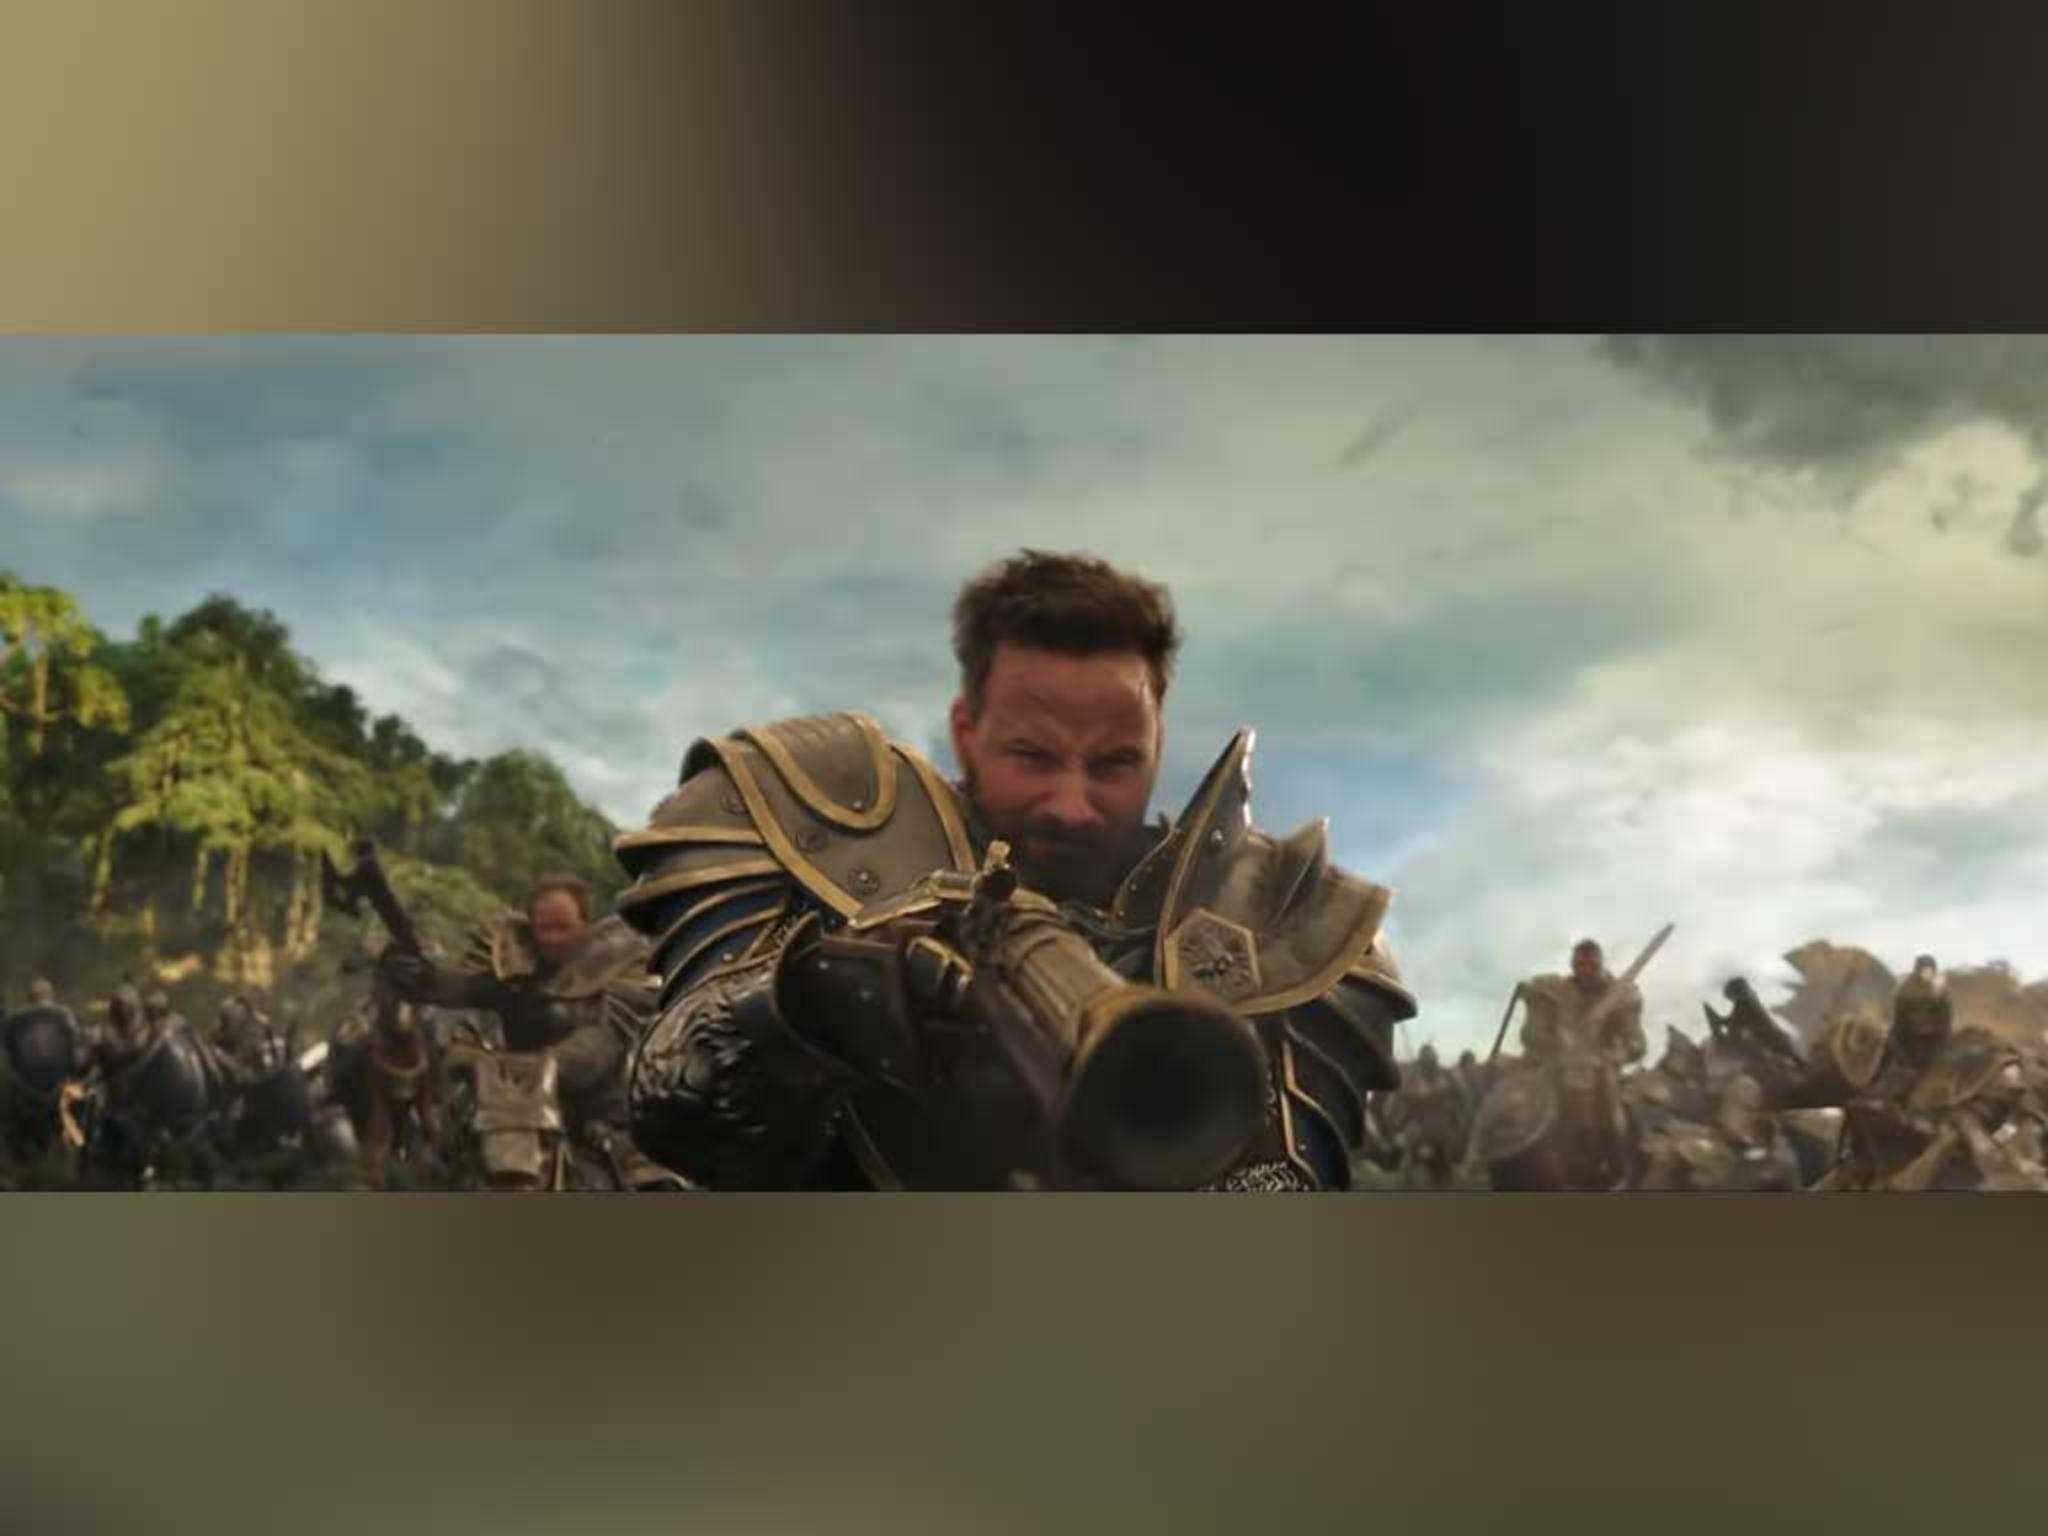 Warcraft-Kinofilm: Der Teaser ist da